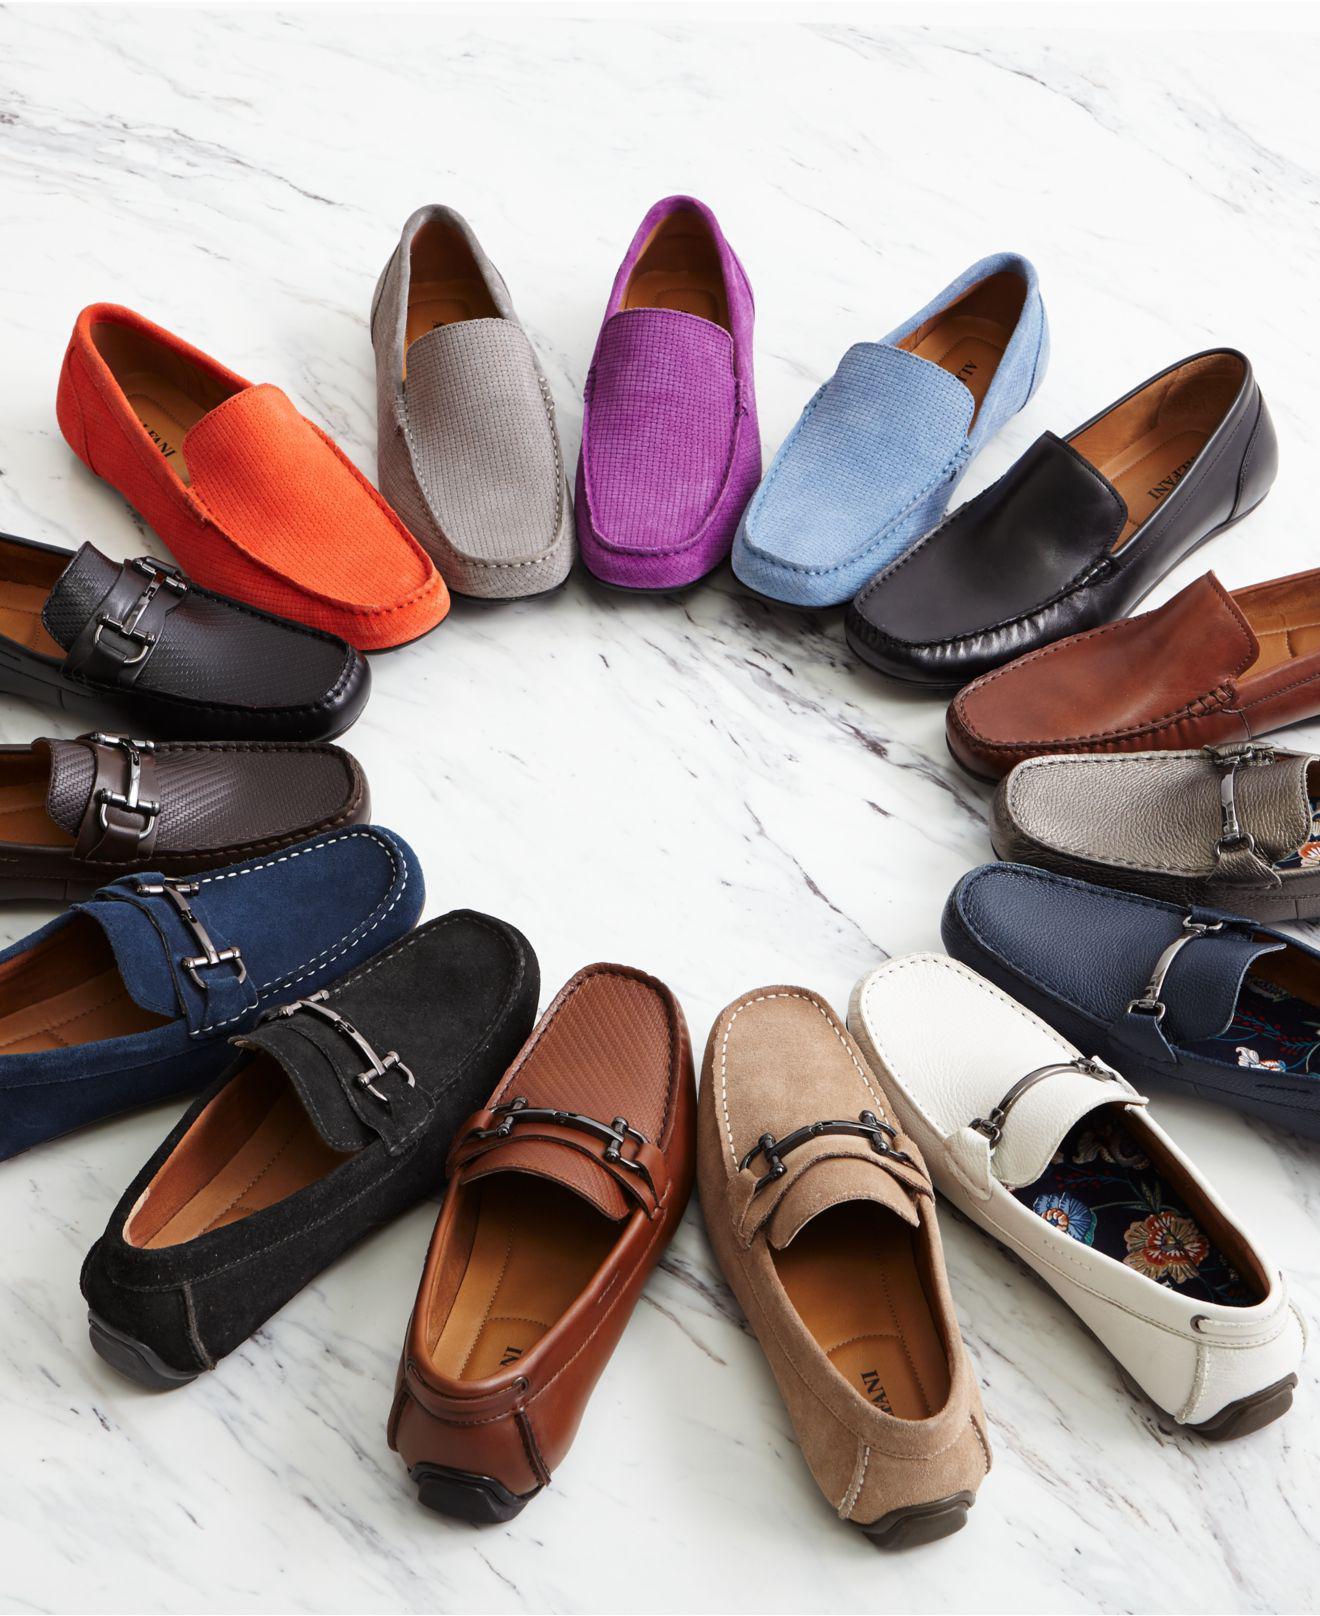 alfani driver shoes buy 6776c b6b66